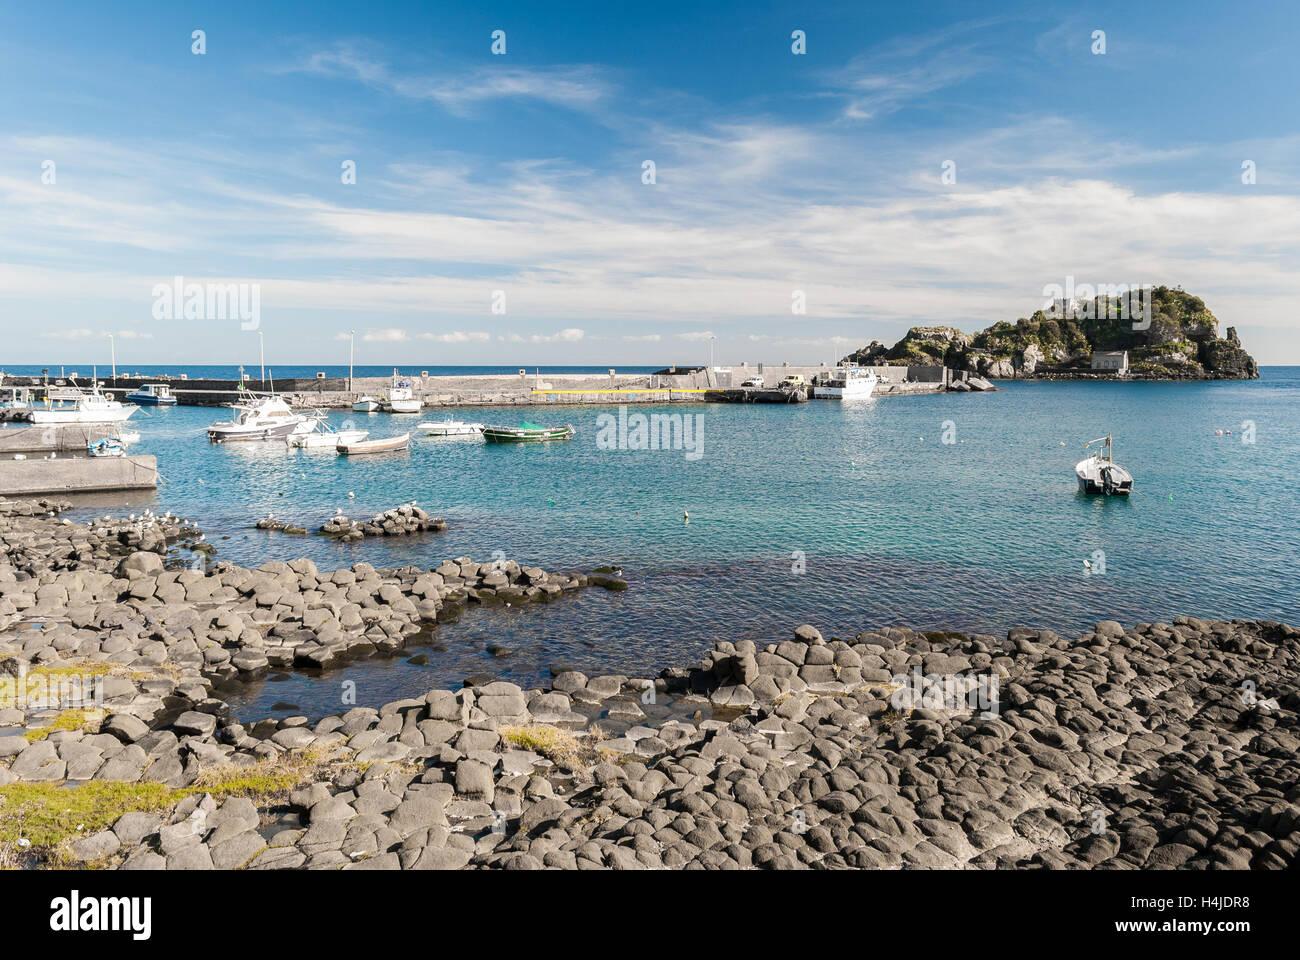 Columnar basalts in the coastline of Acitrezza, in Sicily - Stock Image